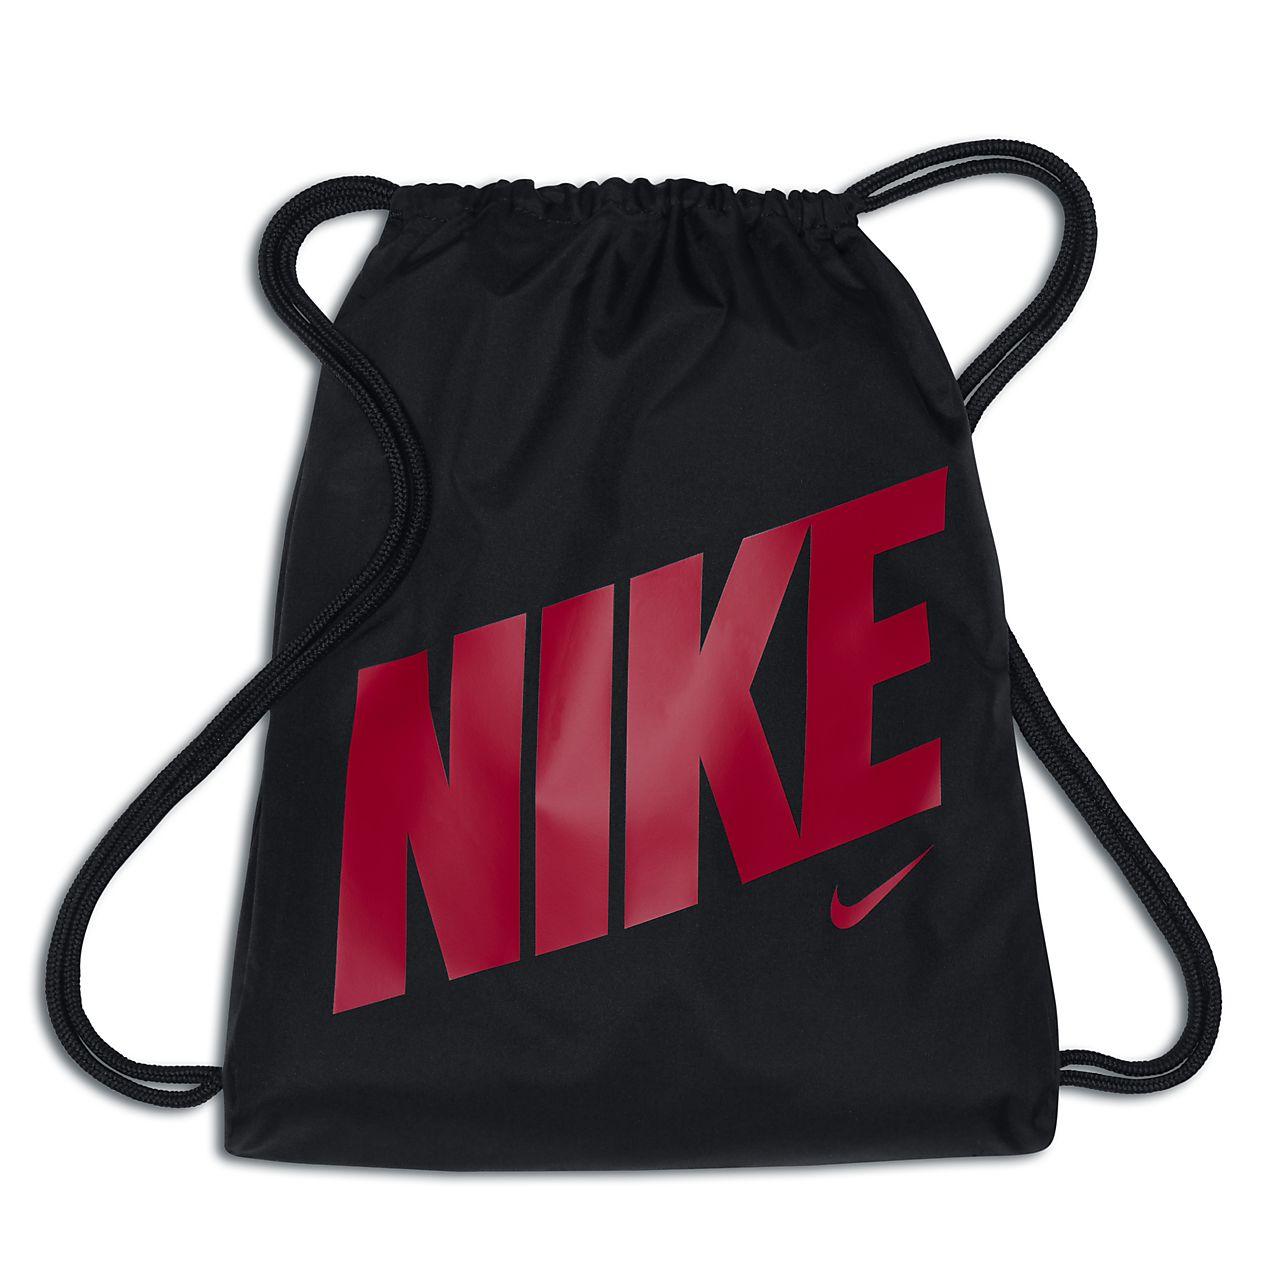 imagenes de bolsas nike